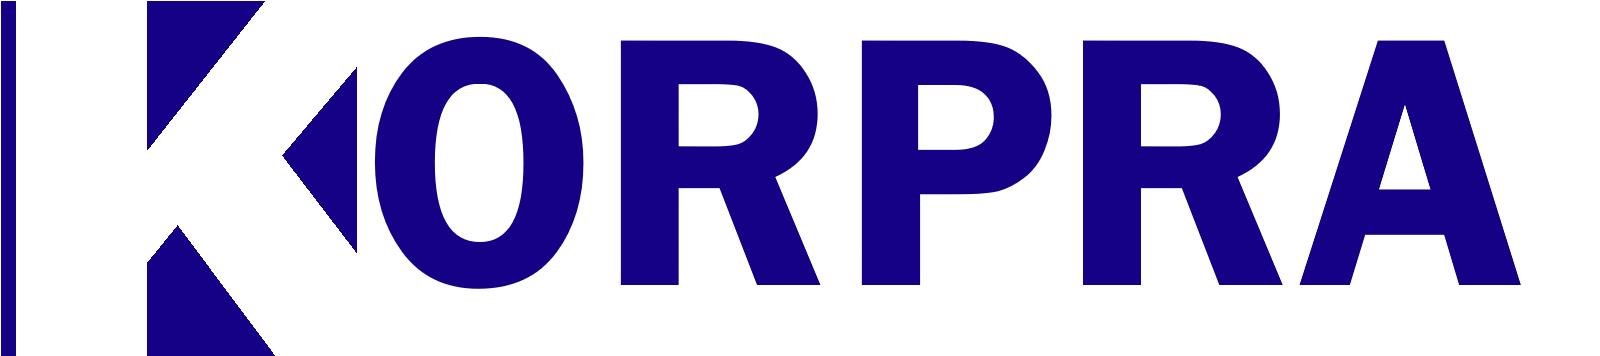 korpra big K